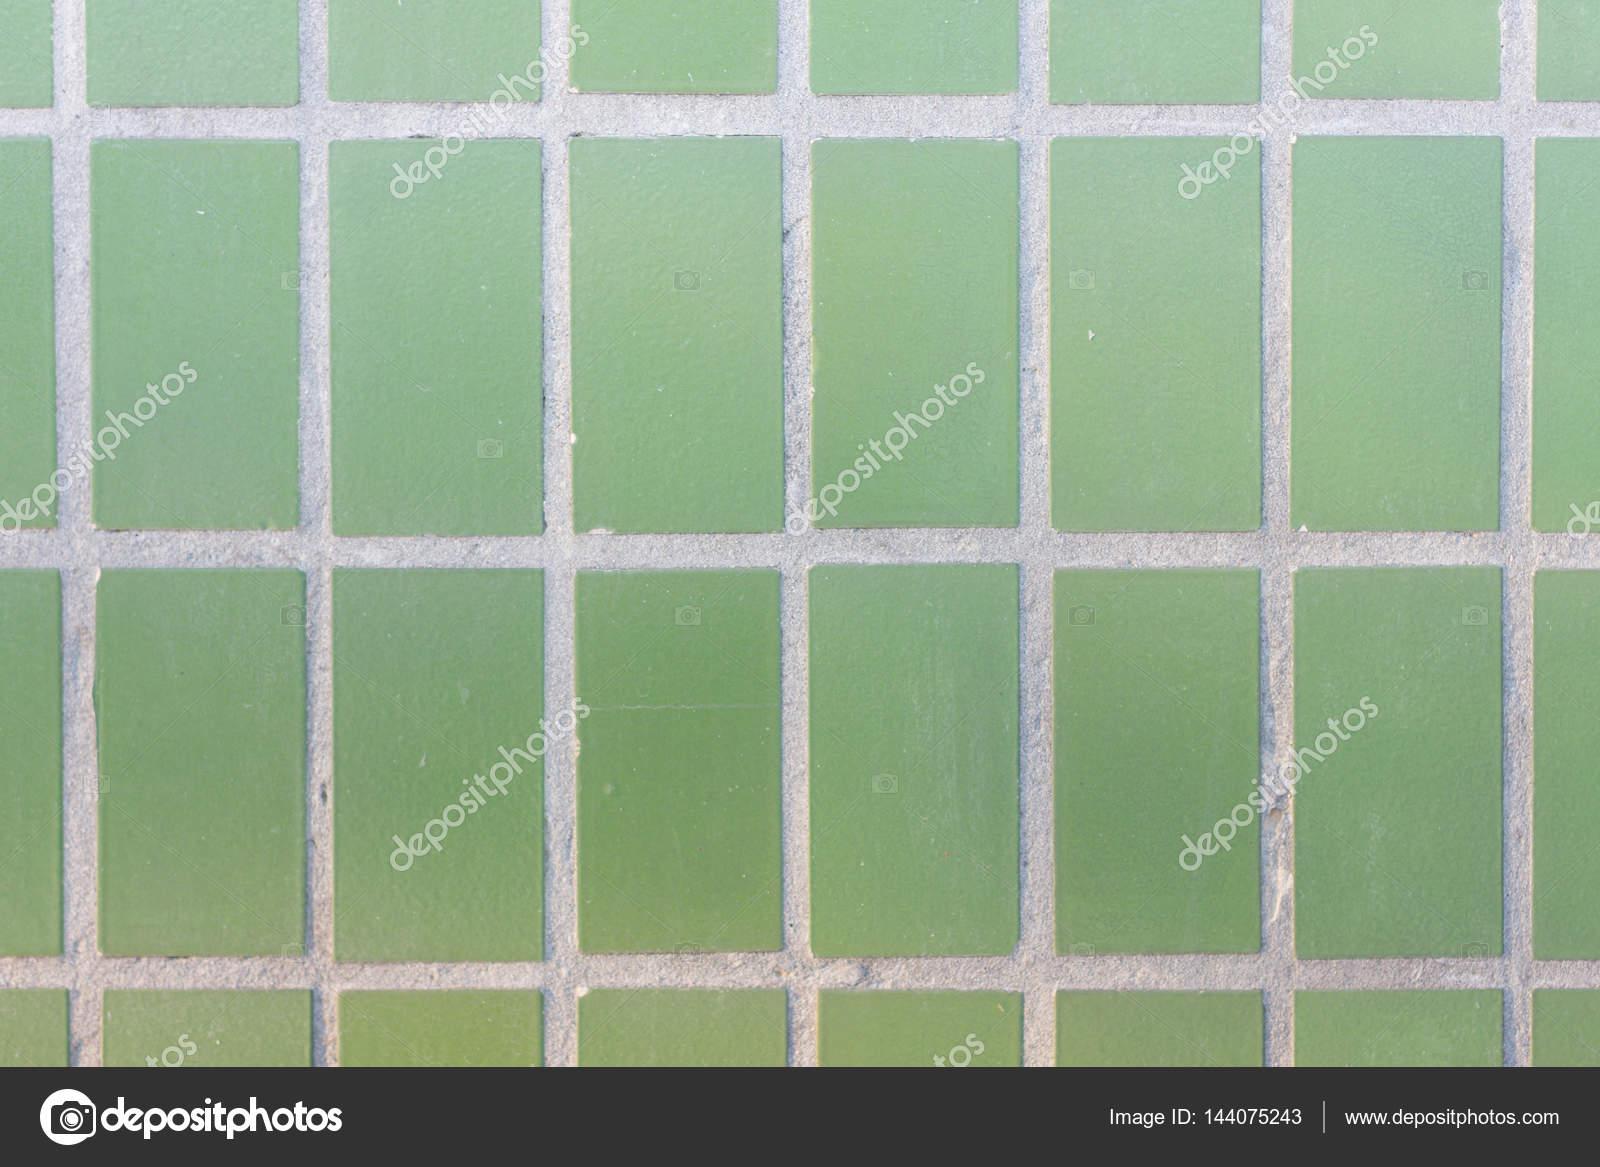 Piastrelle marmorizzate verdi